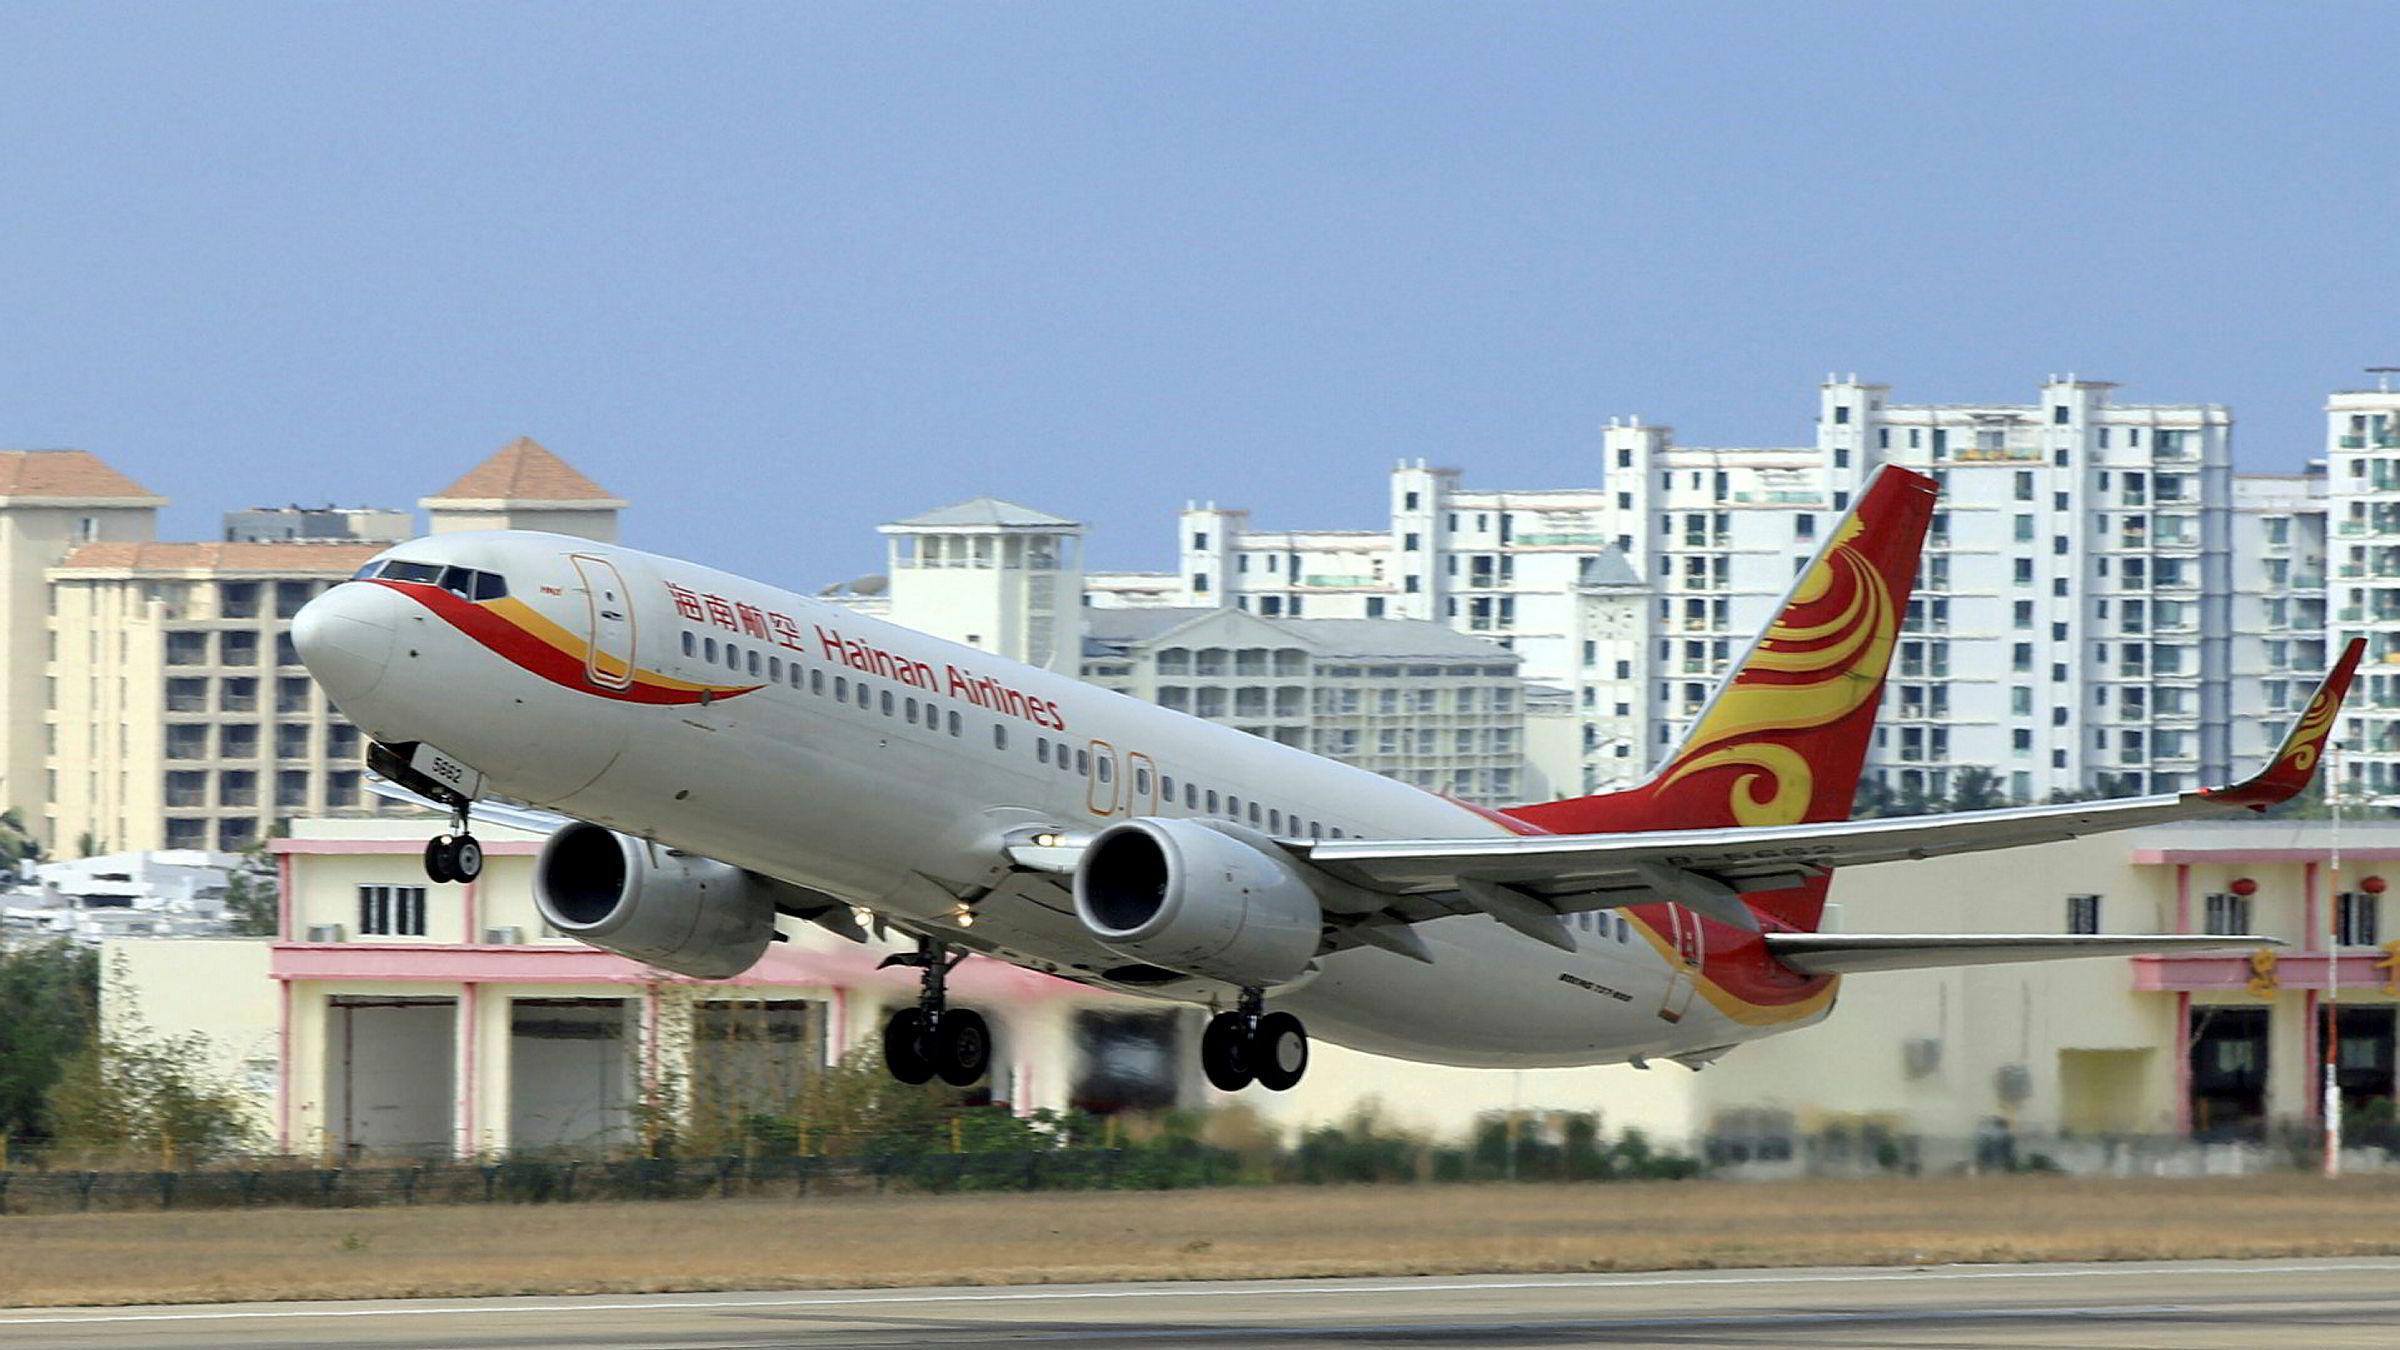 HNA Group startet med et lite flyselskap på Hainan på 1990-tallet. I 2017 er HNA Group et av Kinas største private selskaper, men er neddynget i kostbar gjeld. Selskapet er under etterforskning i flere vestlige land etter oppkjøp.